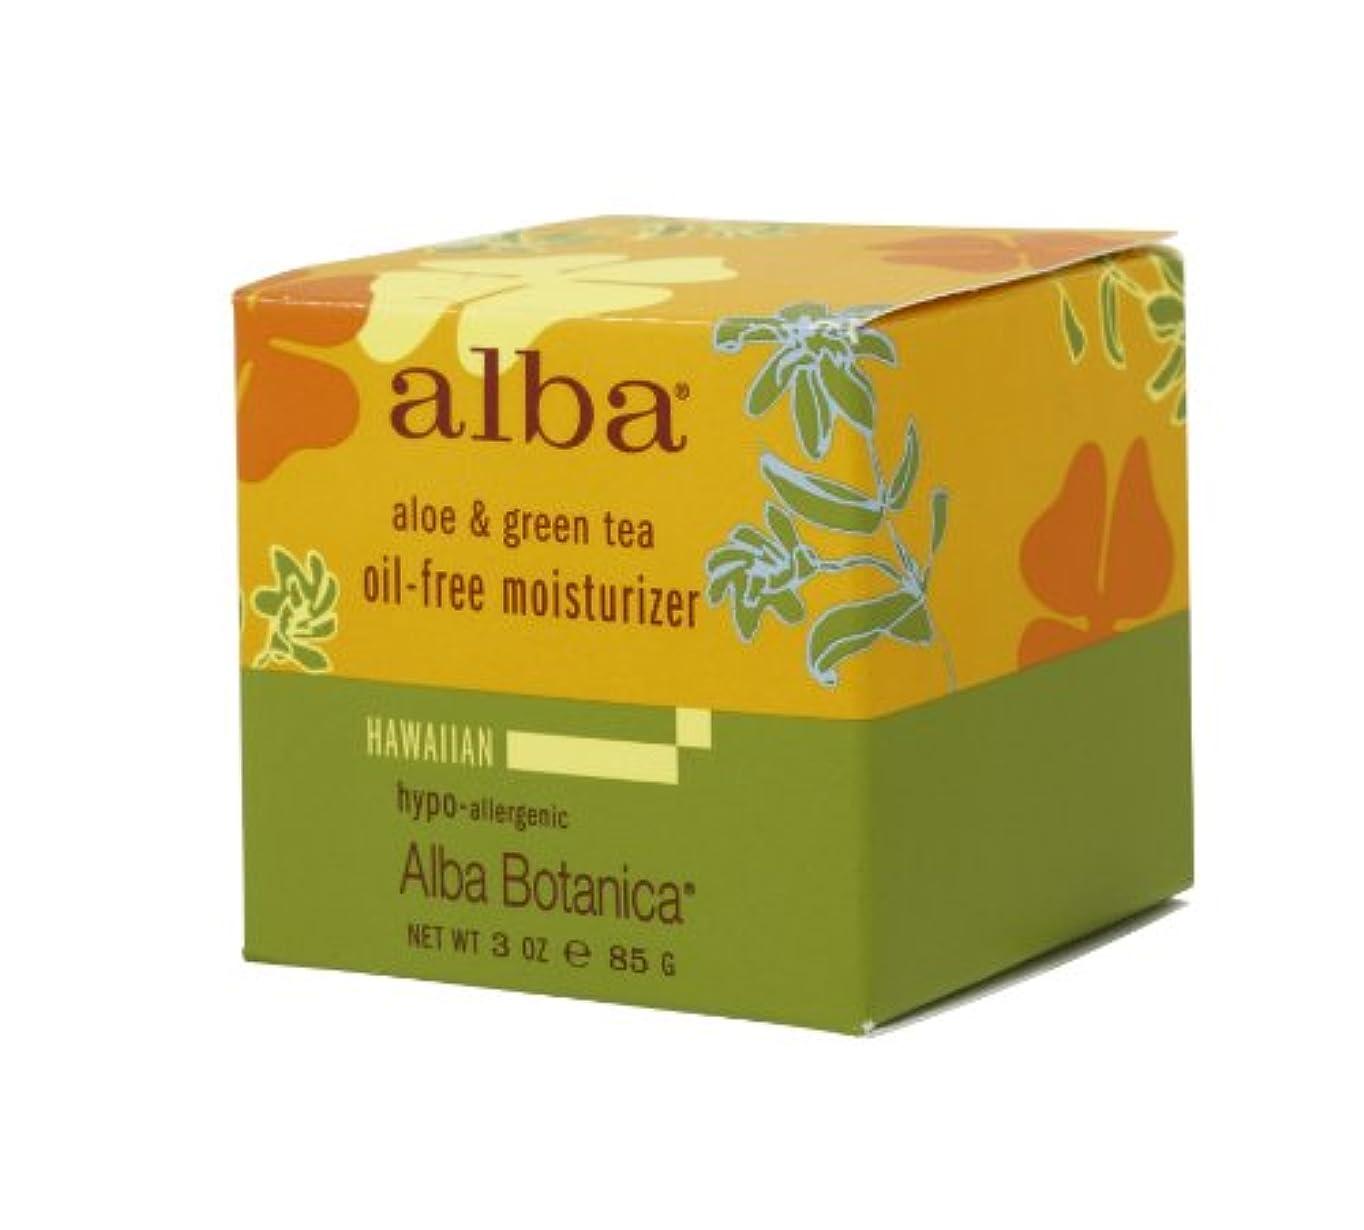 スペイン語乳白色オープニングalba BOTANICA アルバボタニカ ハワイアン オイルフリーモイスチャークリームAG アロエ&グリンティー